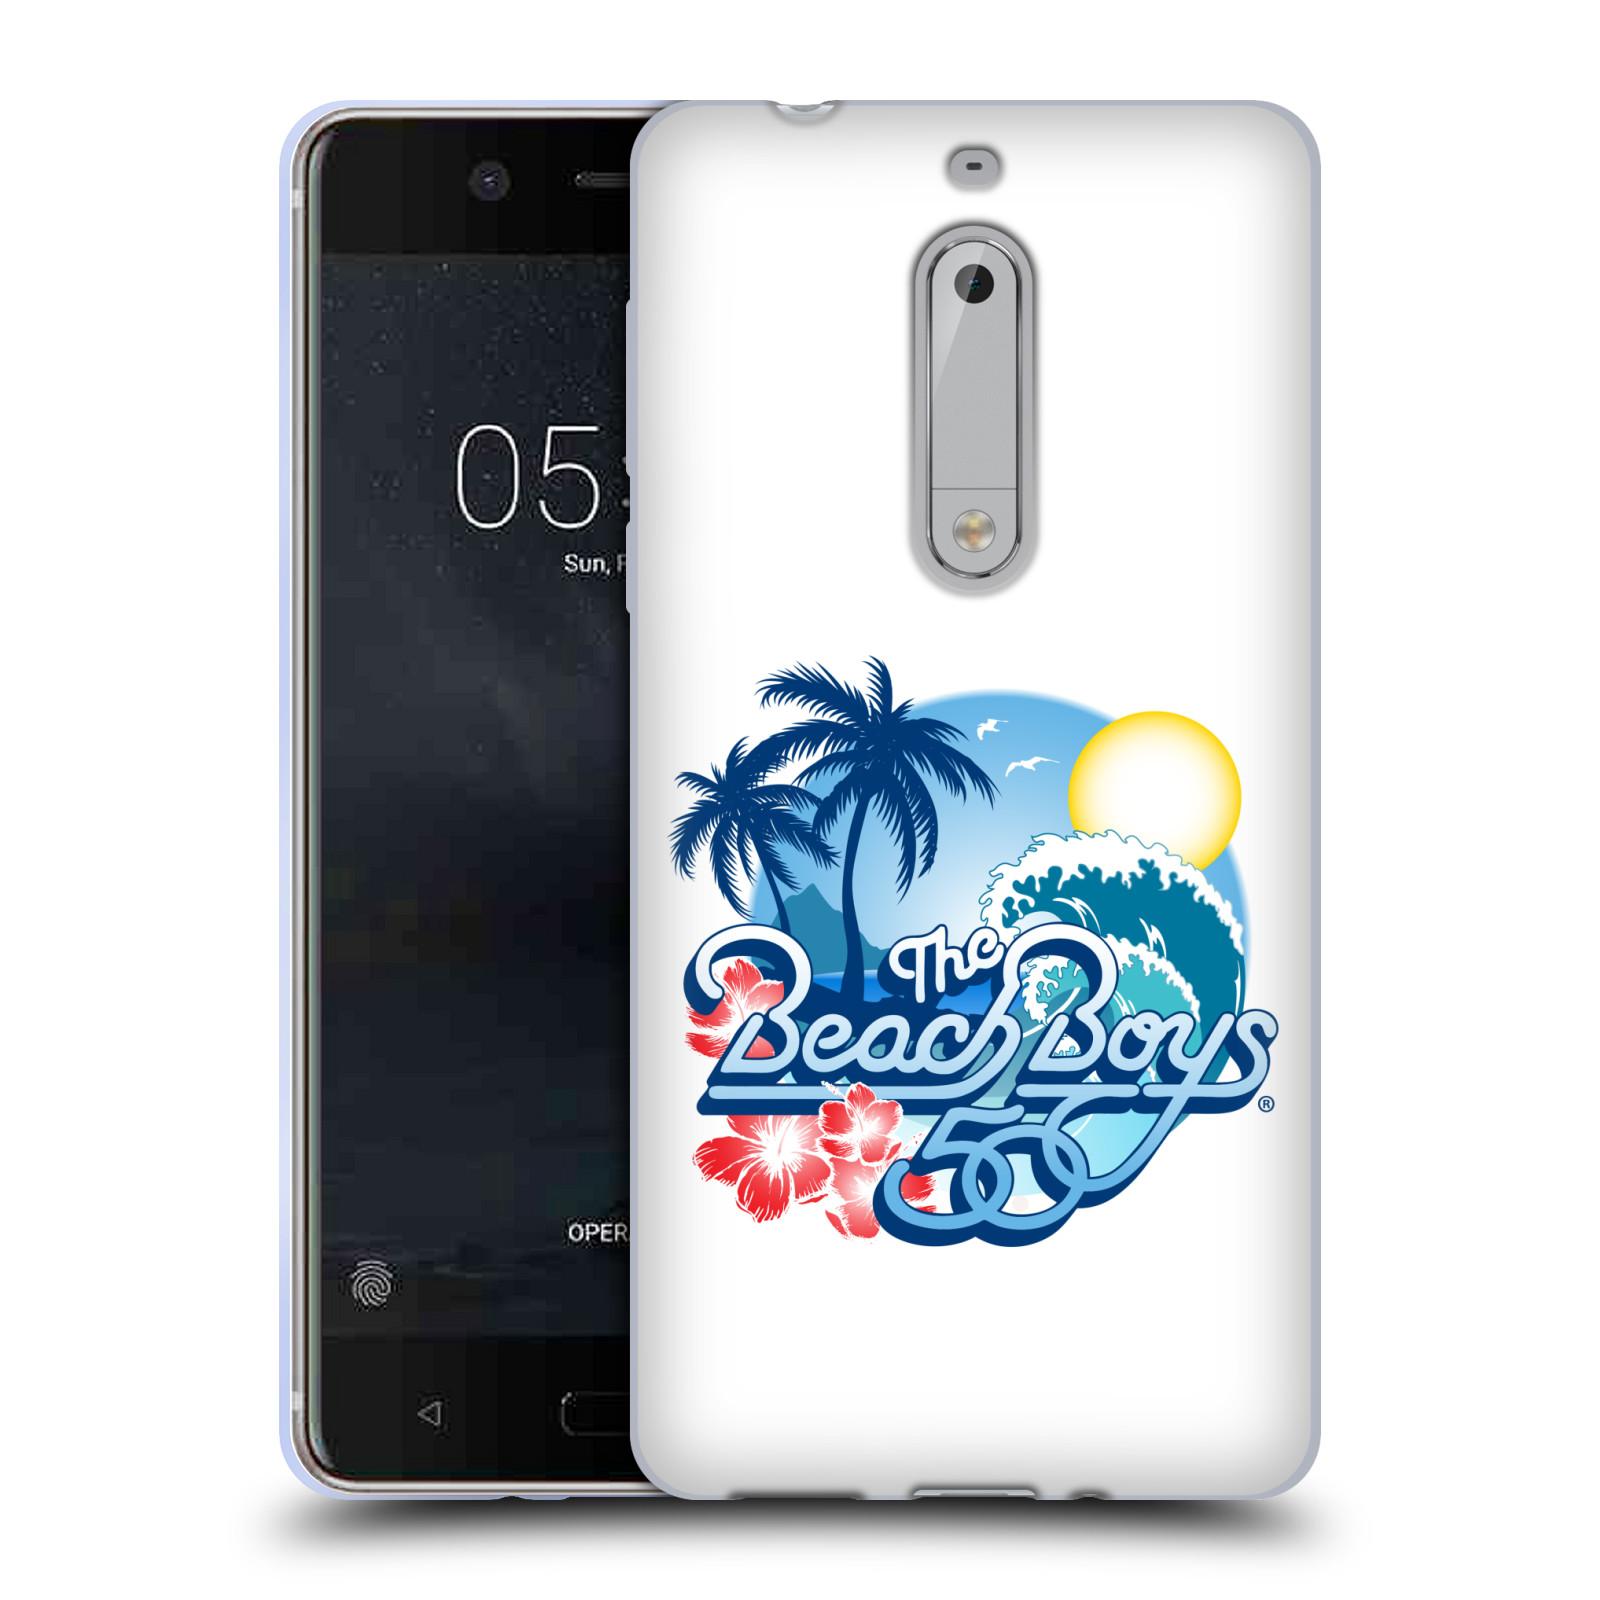 HEAD CASE silikonový obal na mobil Nokia 5 skupina The Beach Boys logo 50. výročí